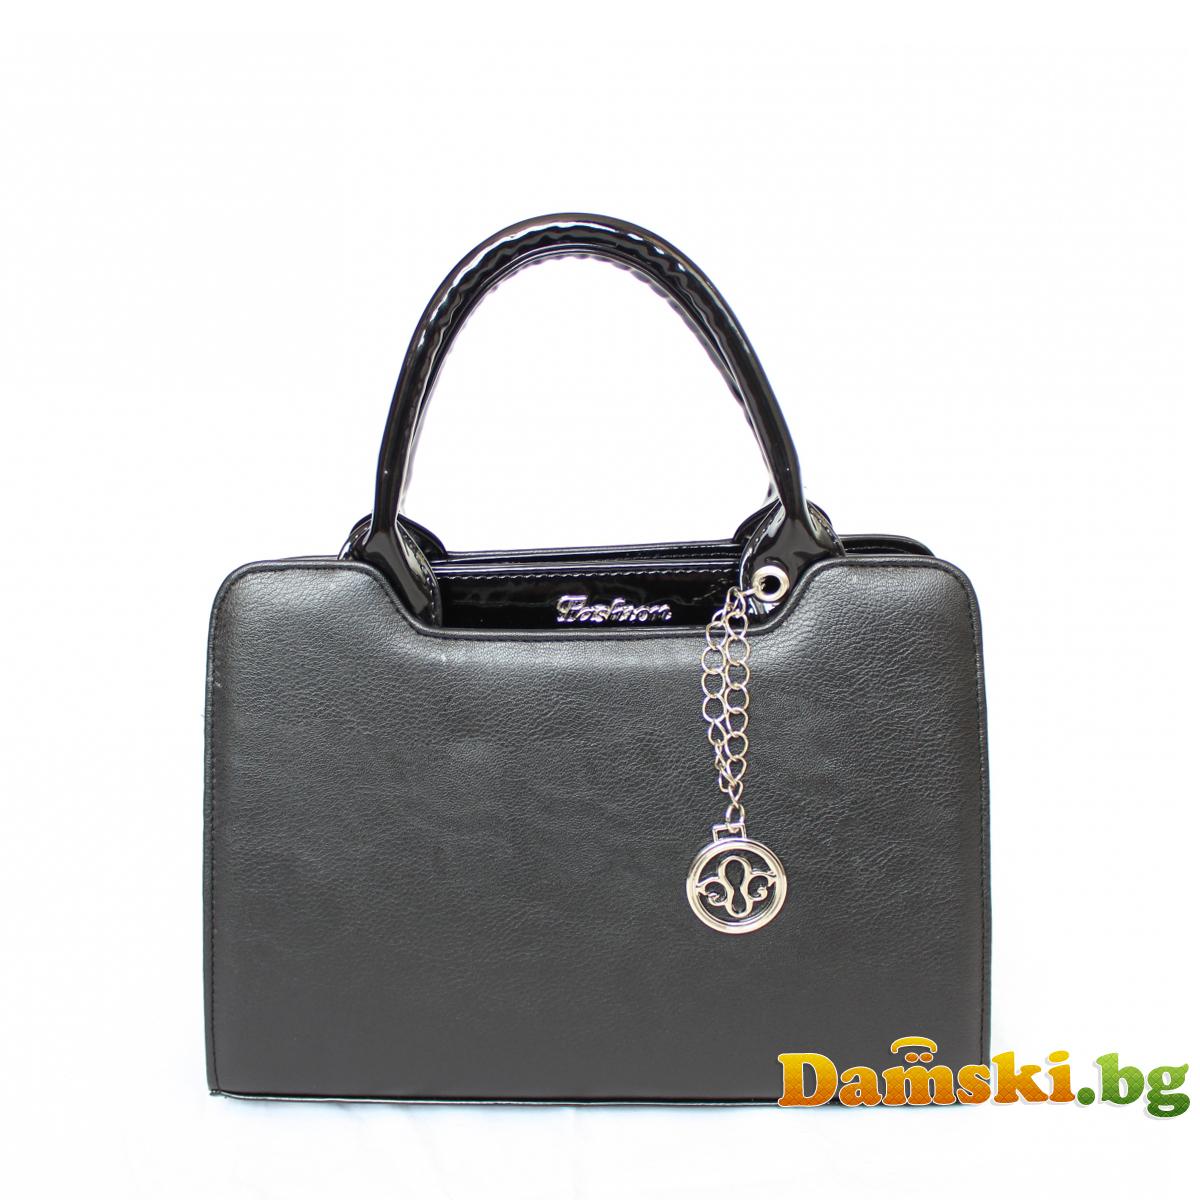 Стилна дамска чанта Хриси - черна Снимка 3 от 4